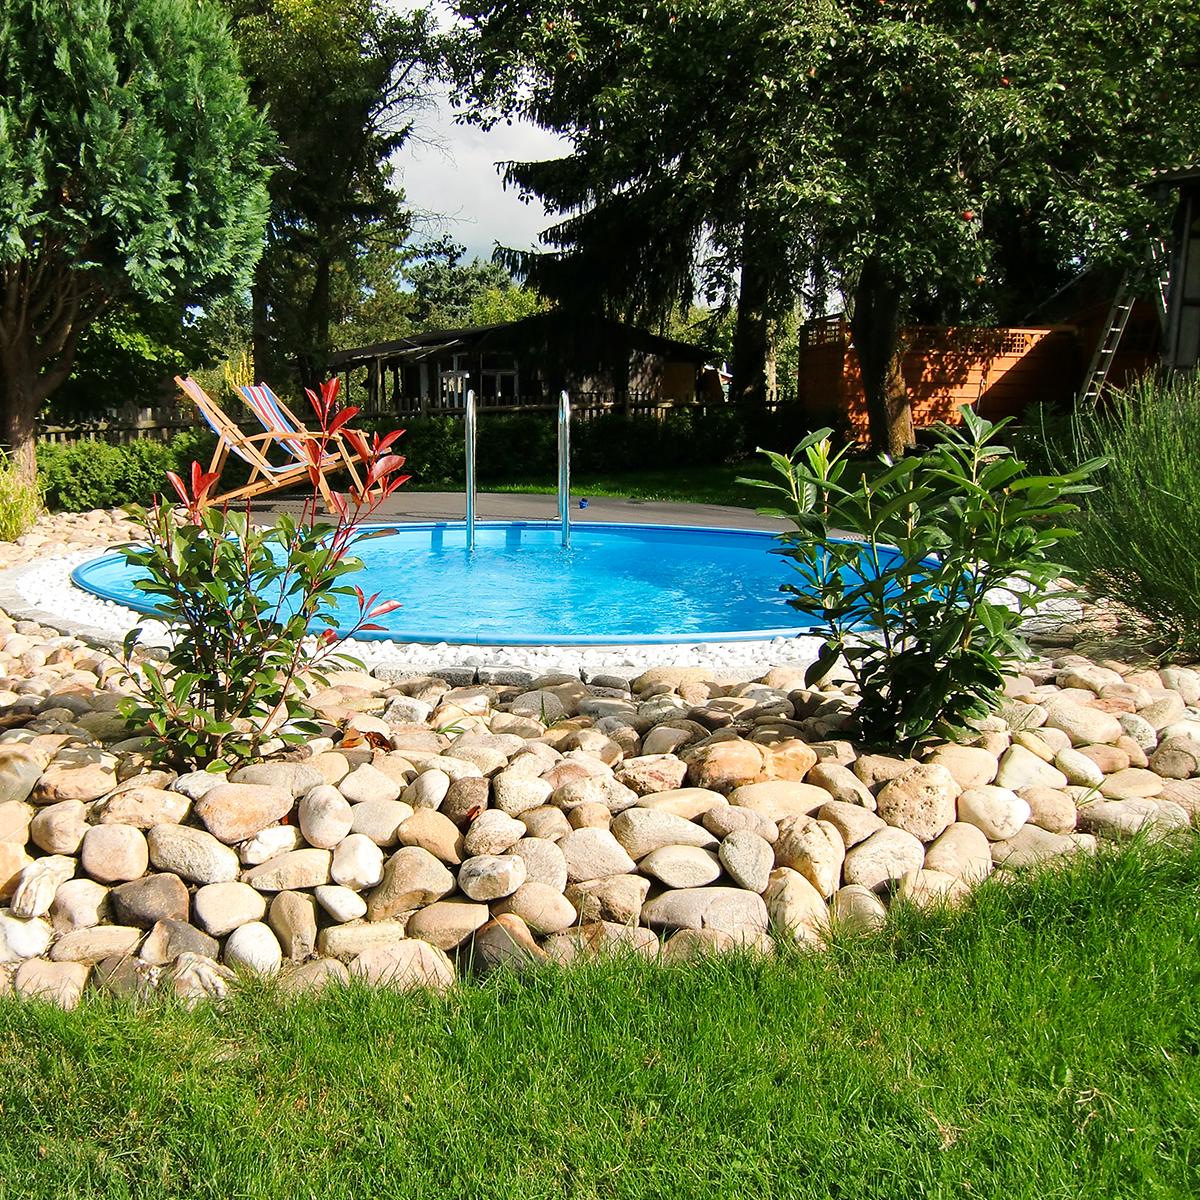 Beeindruckend Schwimmbäder Für Den Garten Schwimmbad01: Gartengestaltung Rund Um Den Pool